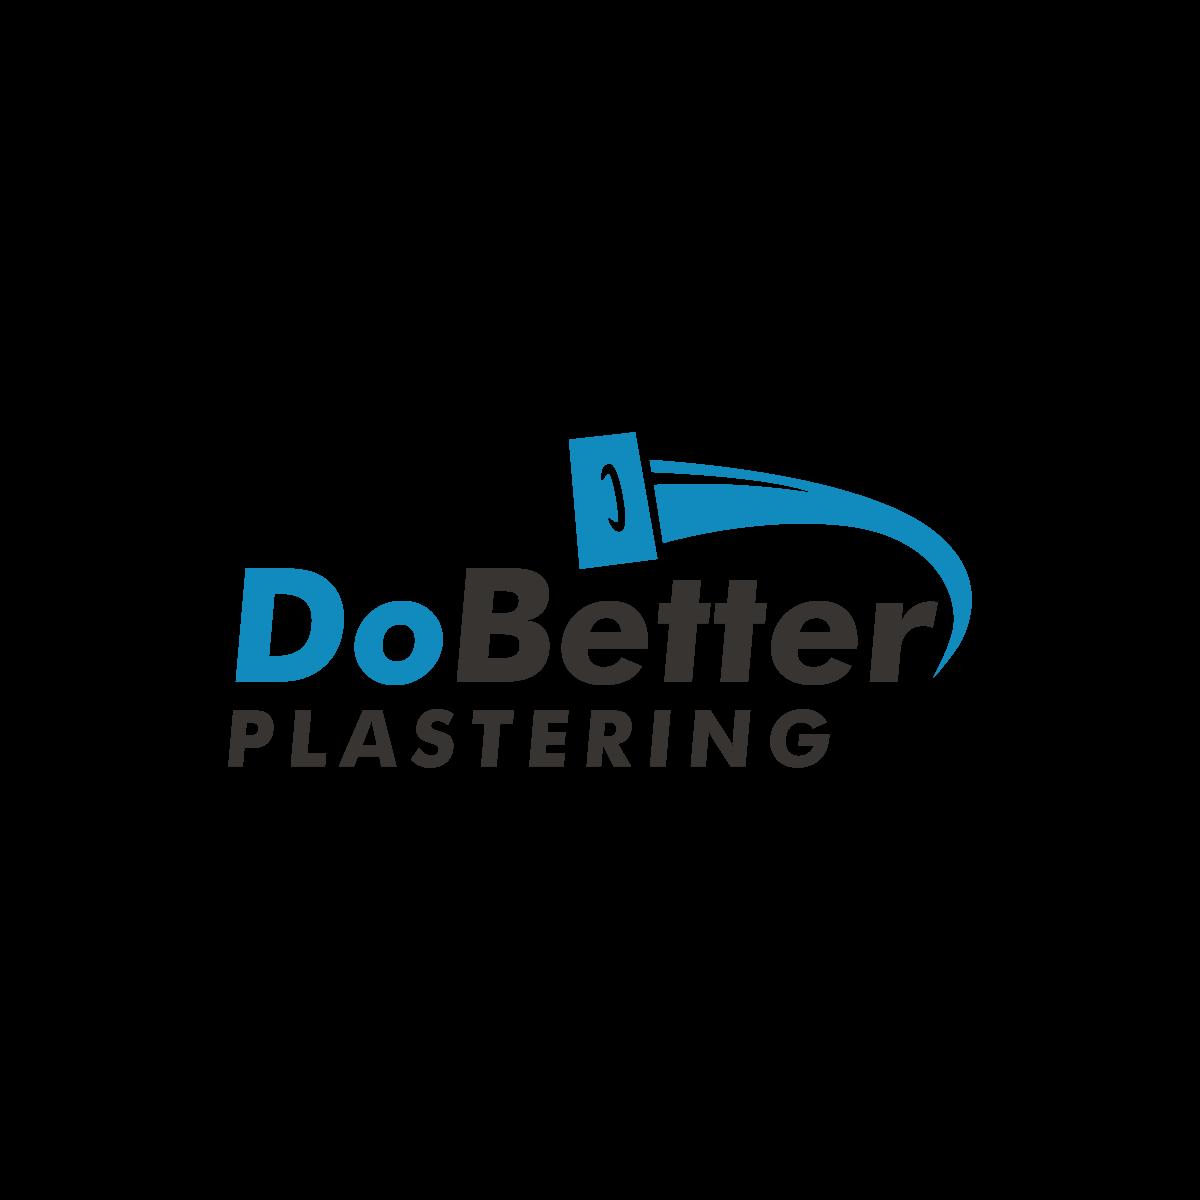 DoBetter Plastering Logo